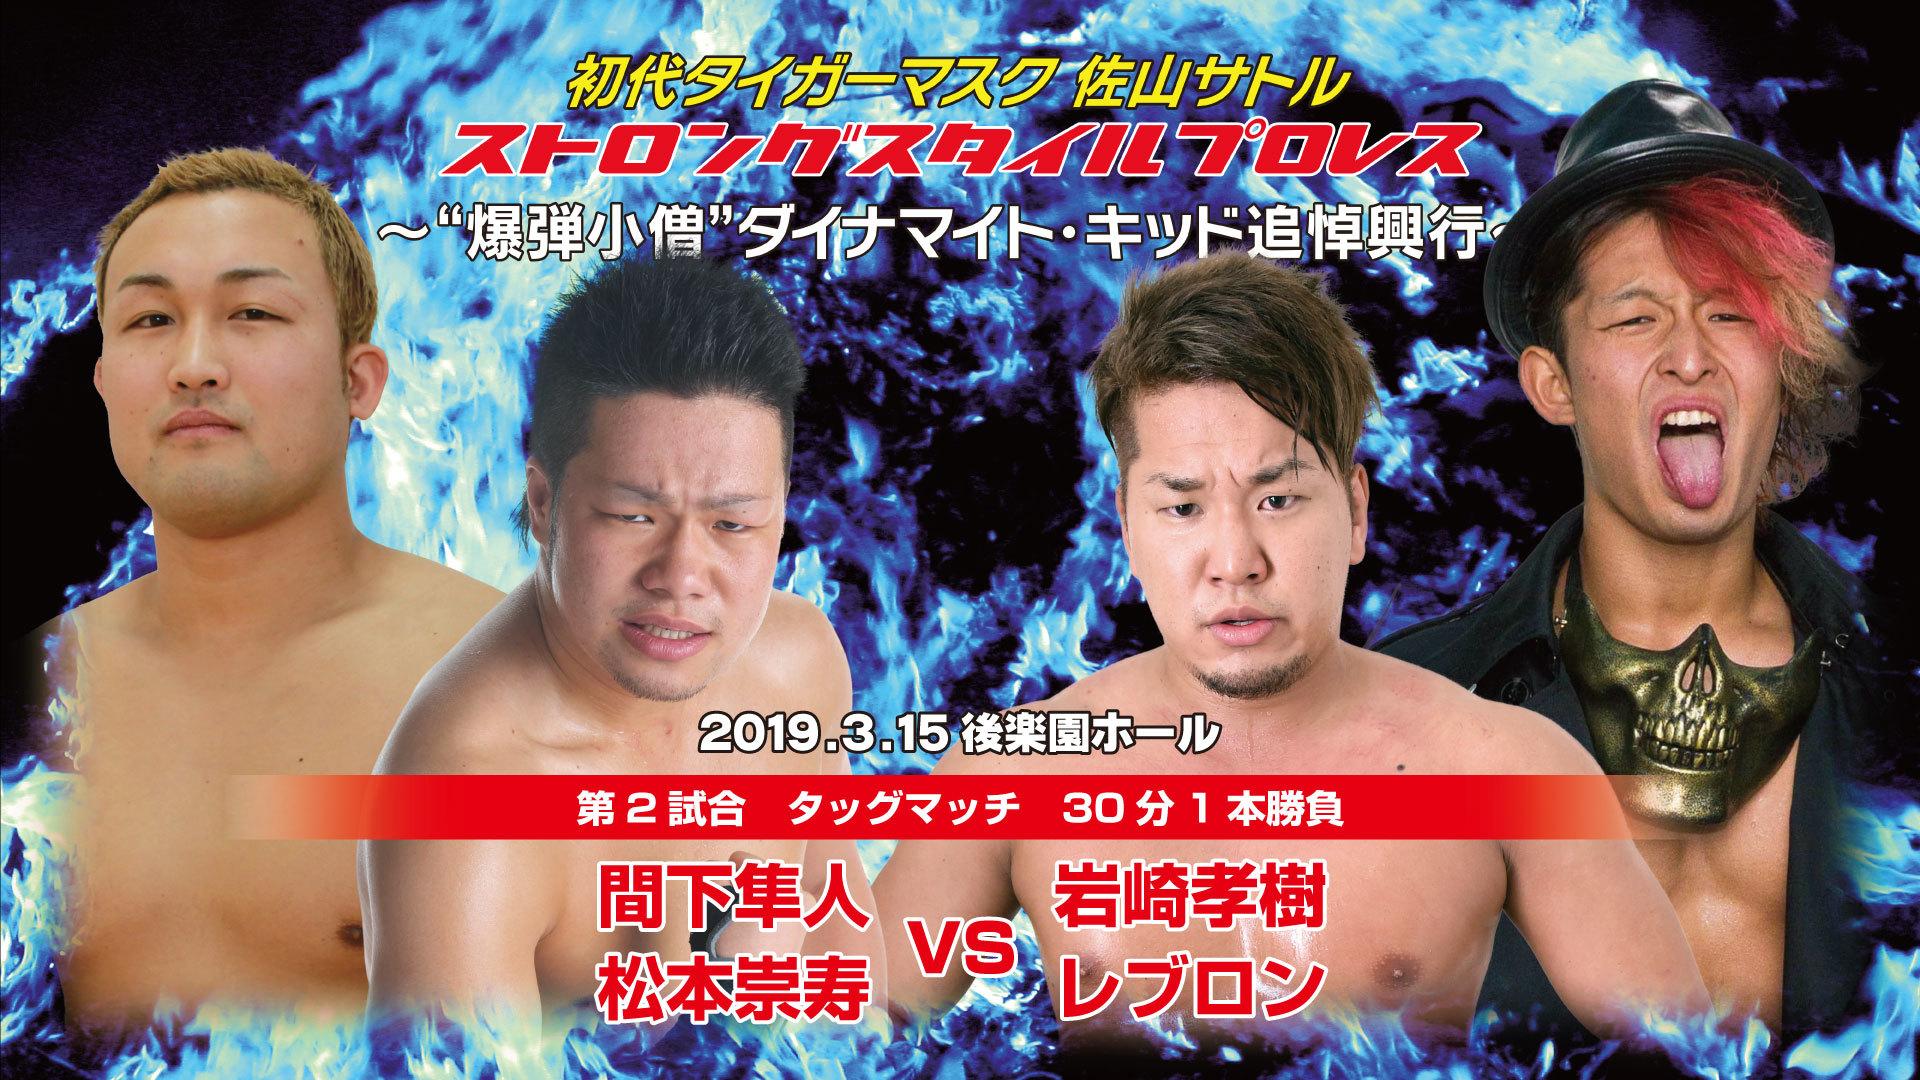 第2試合は若手の注目株同士である岩崎孝樹と松本崇寿がタッグマッチで対戦